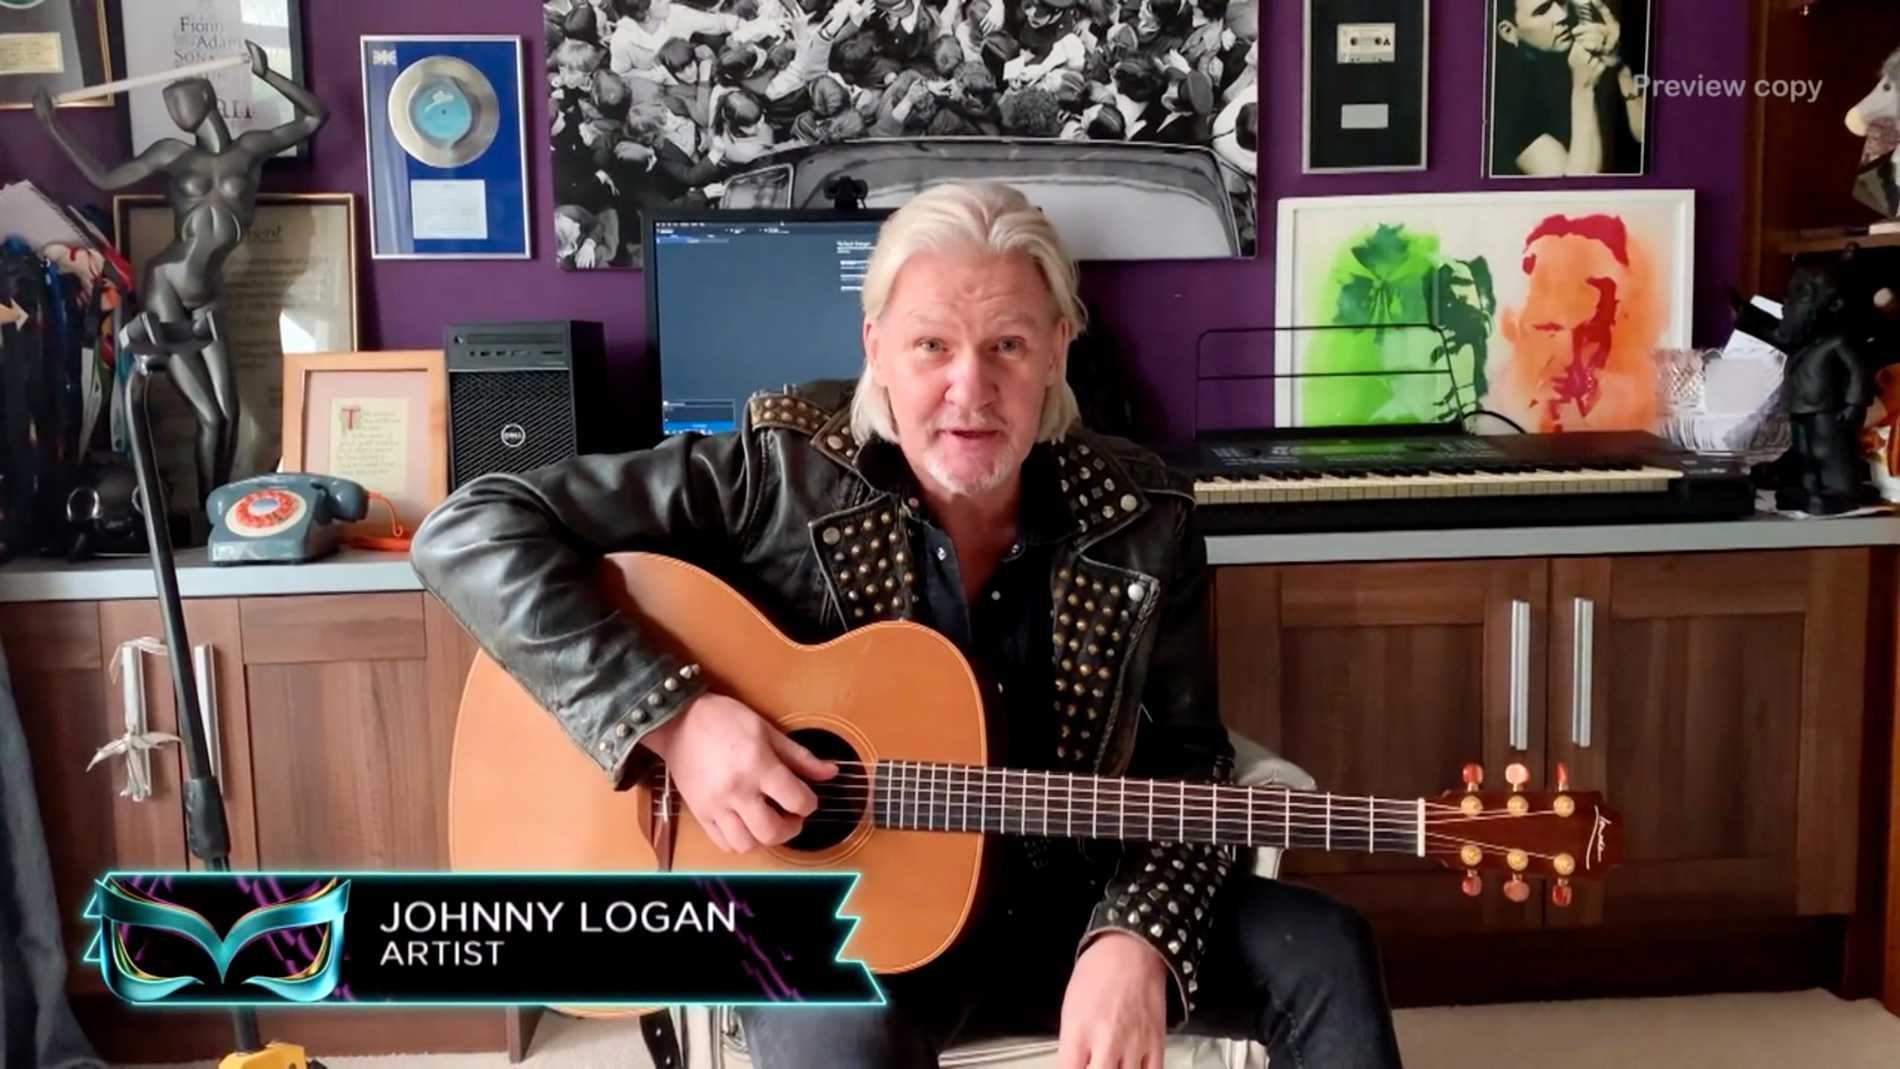 Johnny Logan var Robert Wells maskerade vän som gav ledtrådar i programmet.